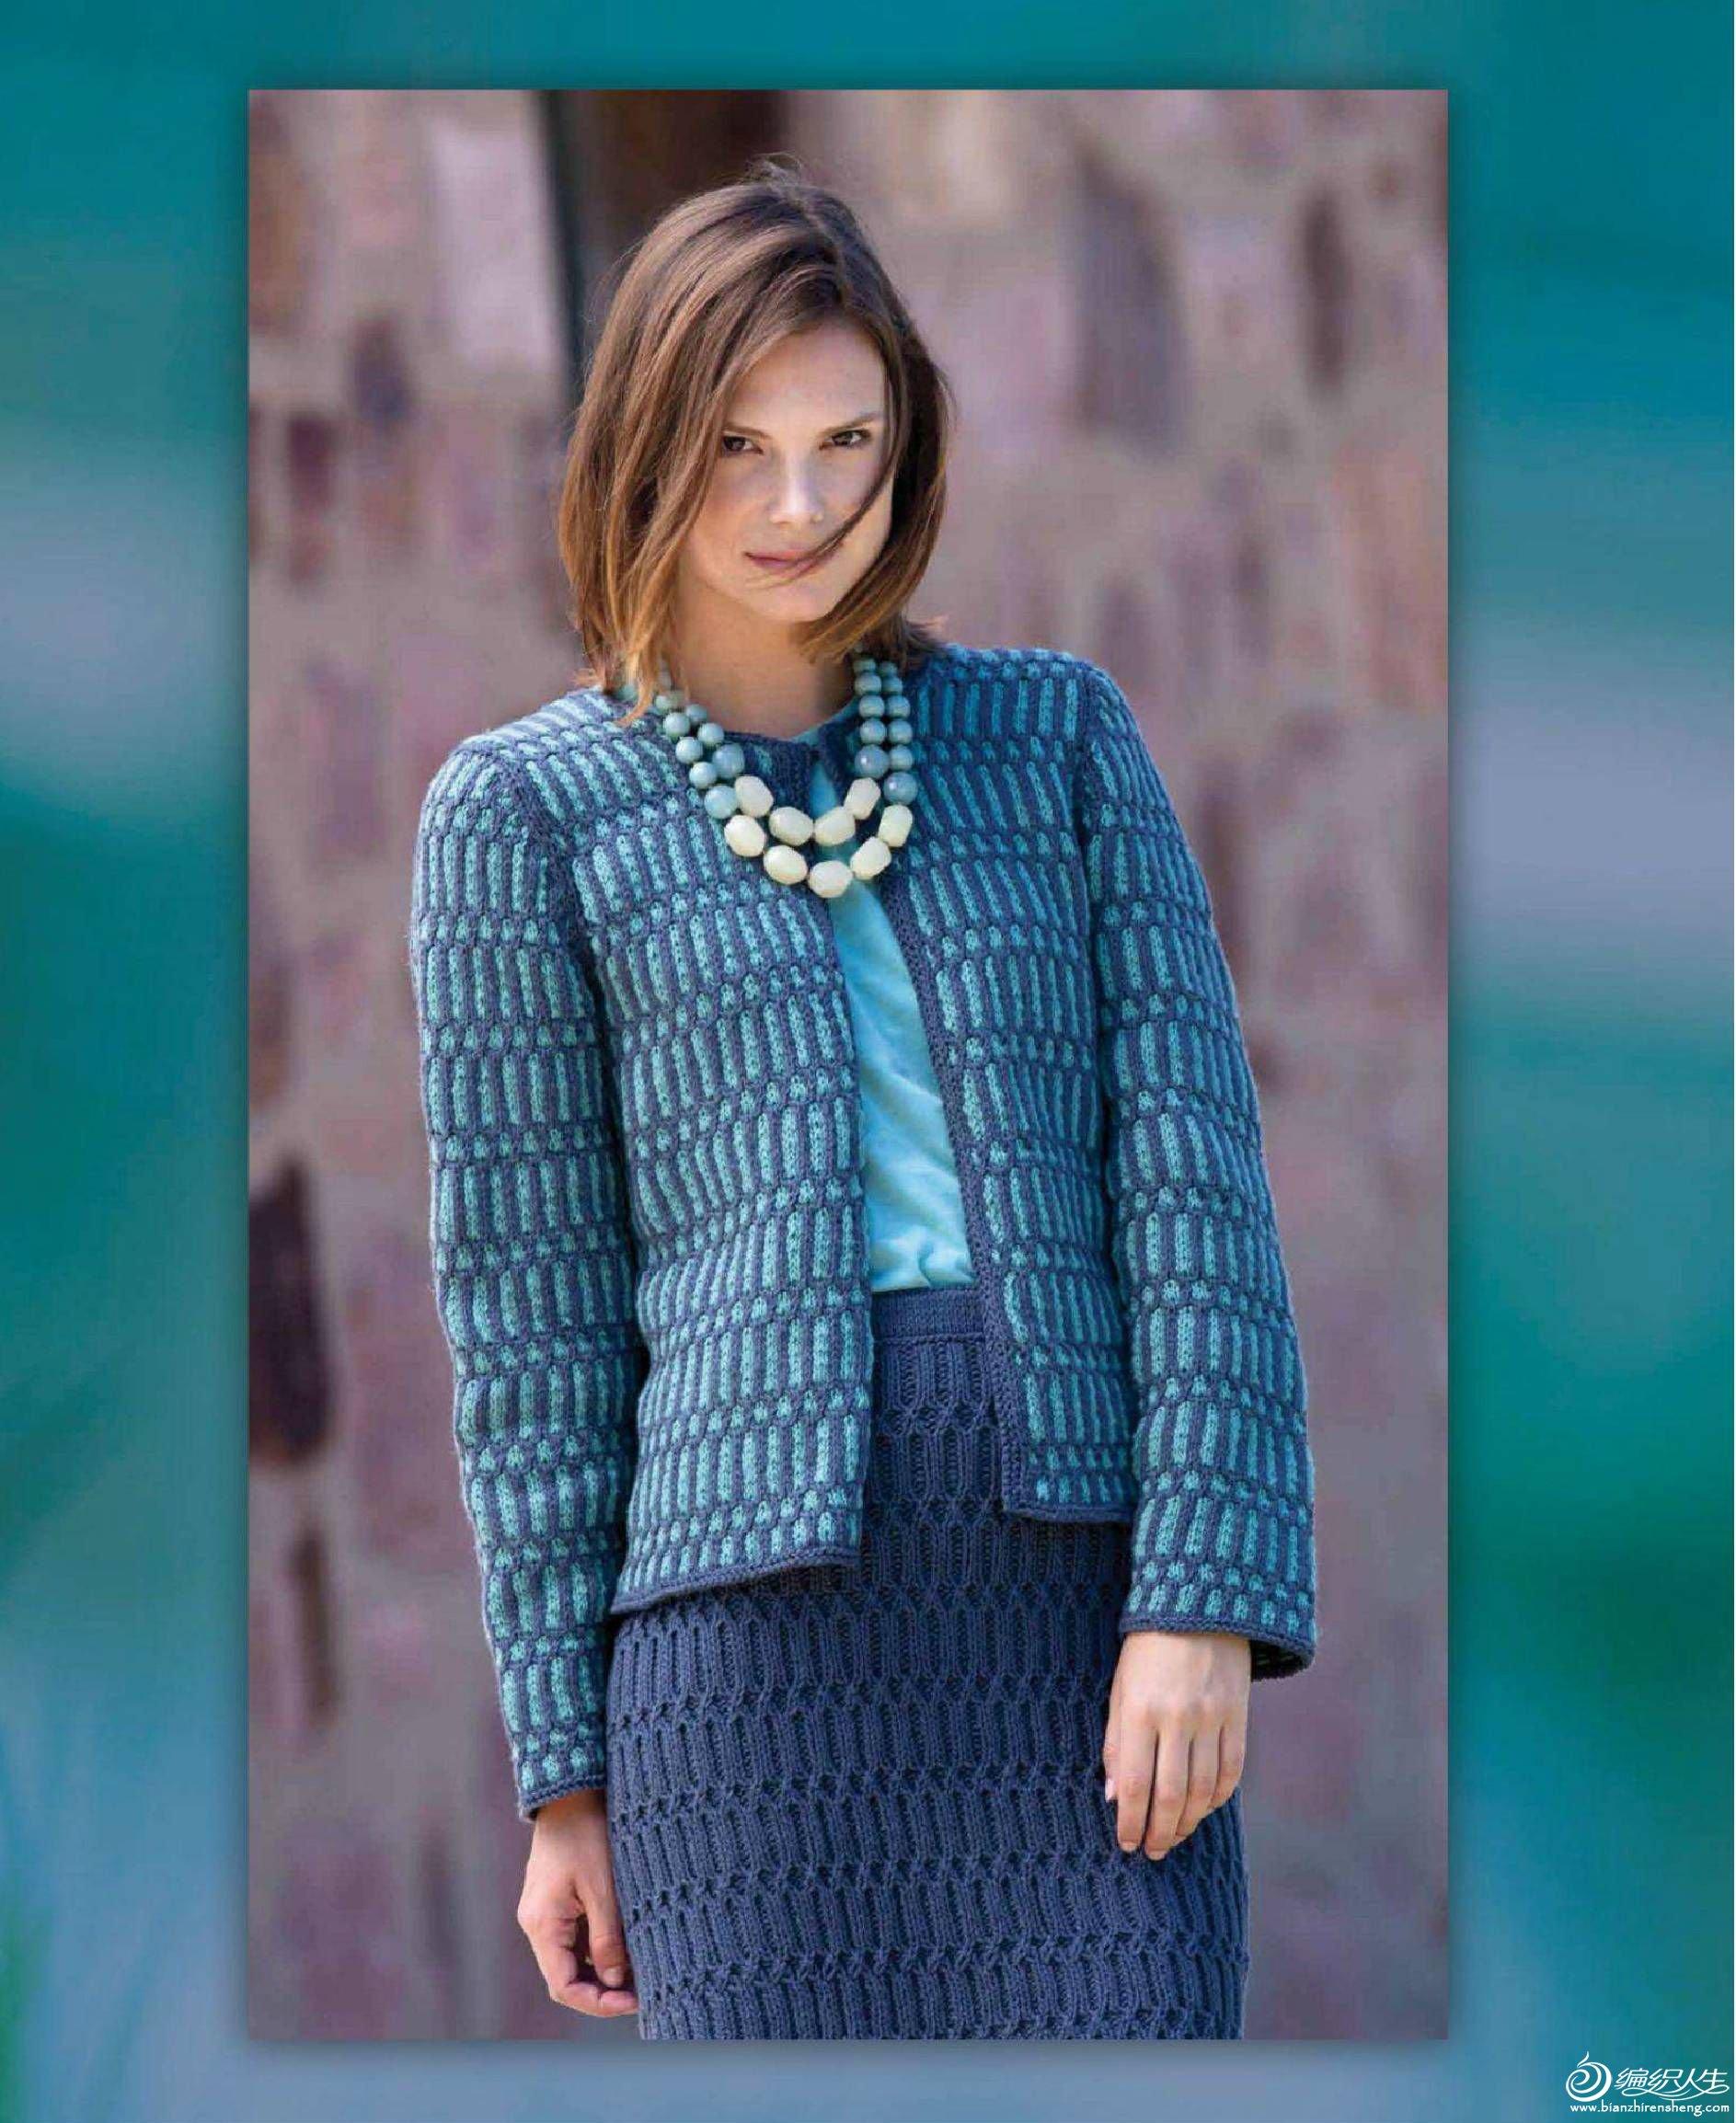 Knitters_K107_2012-092.jpg